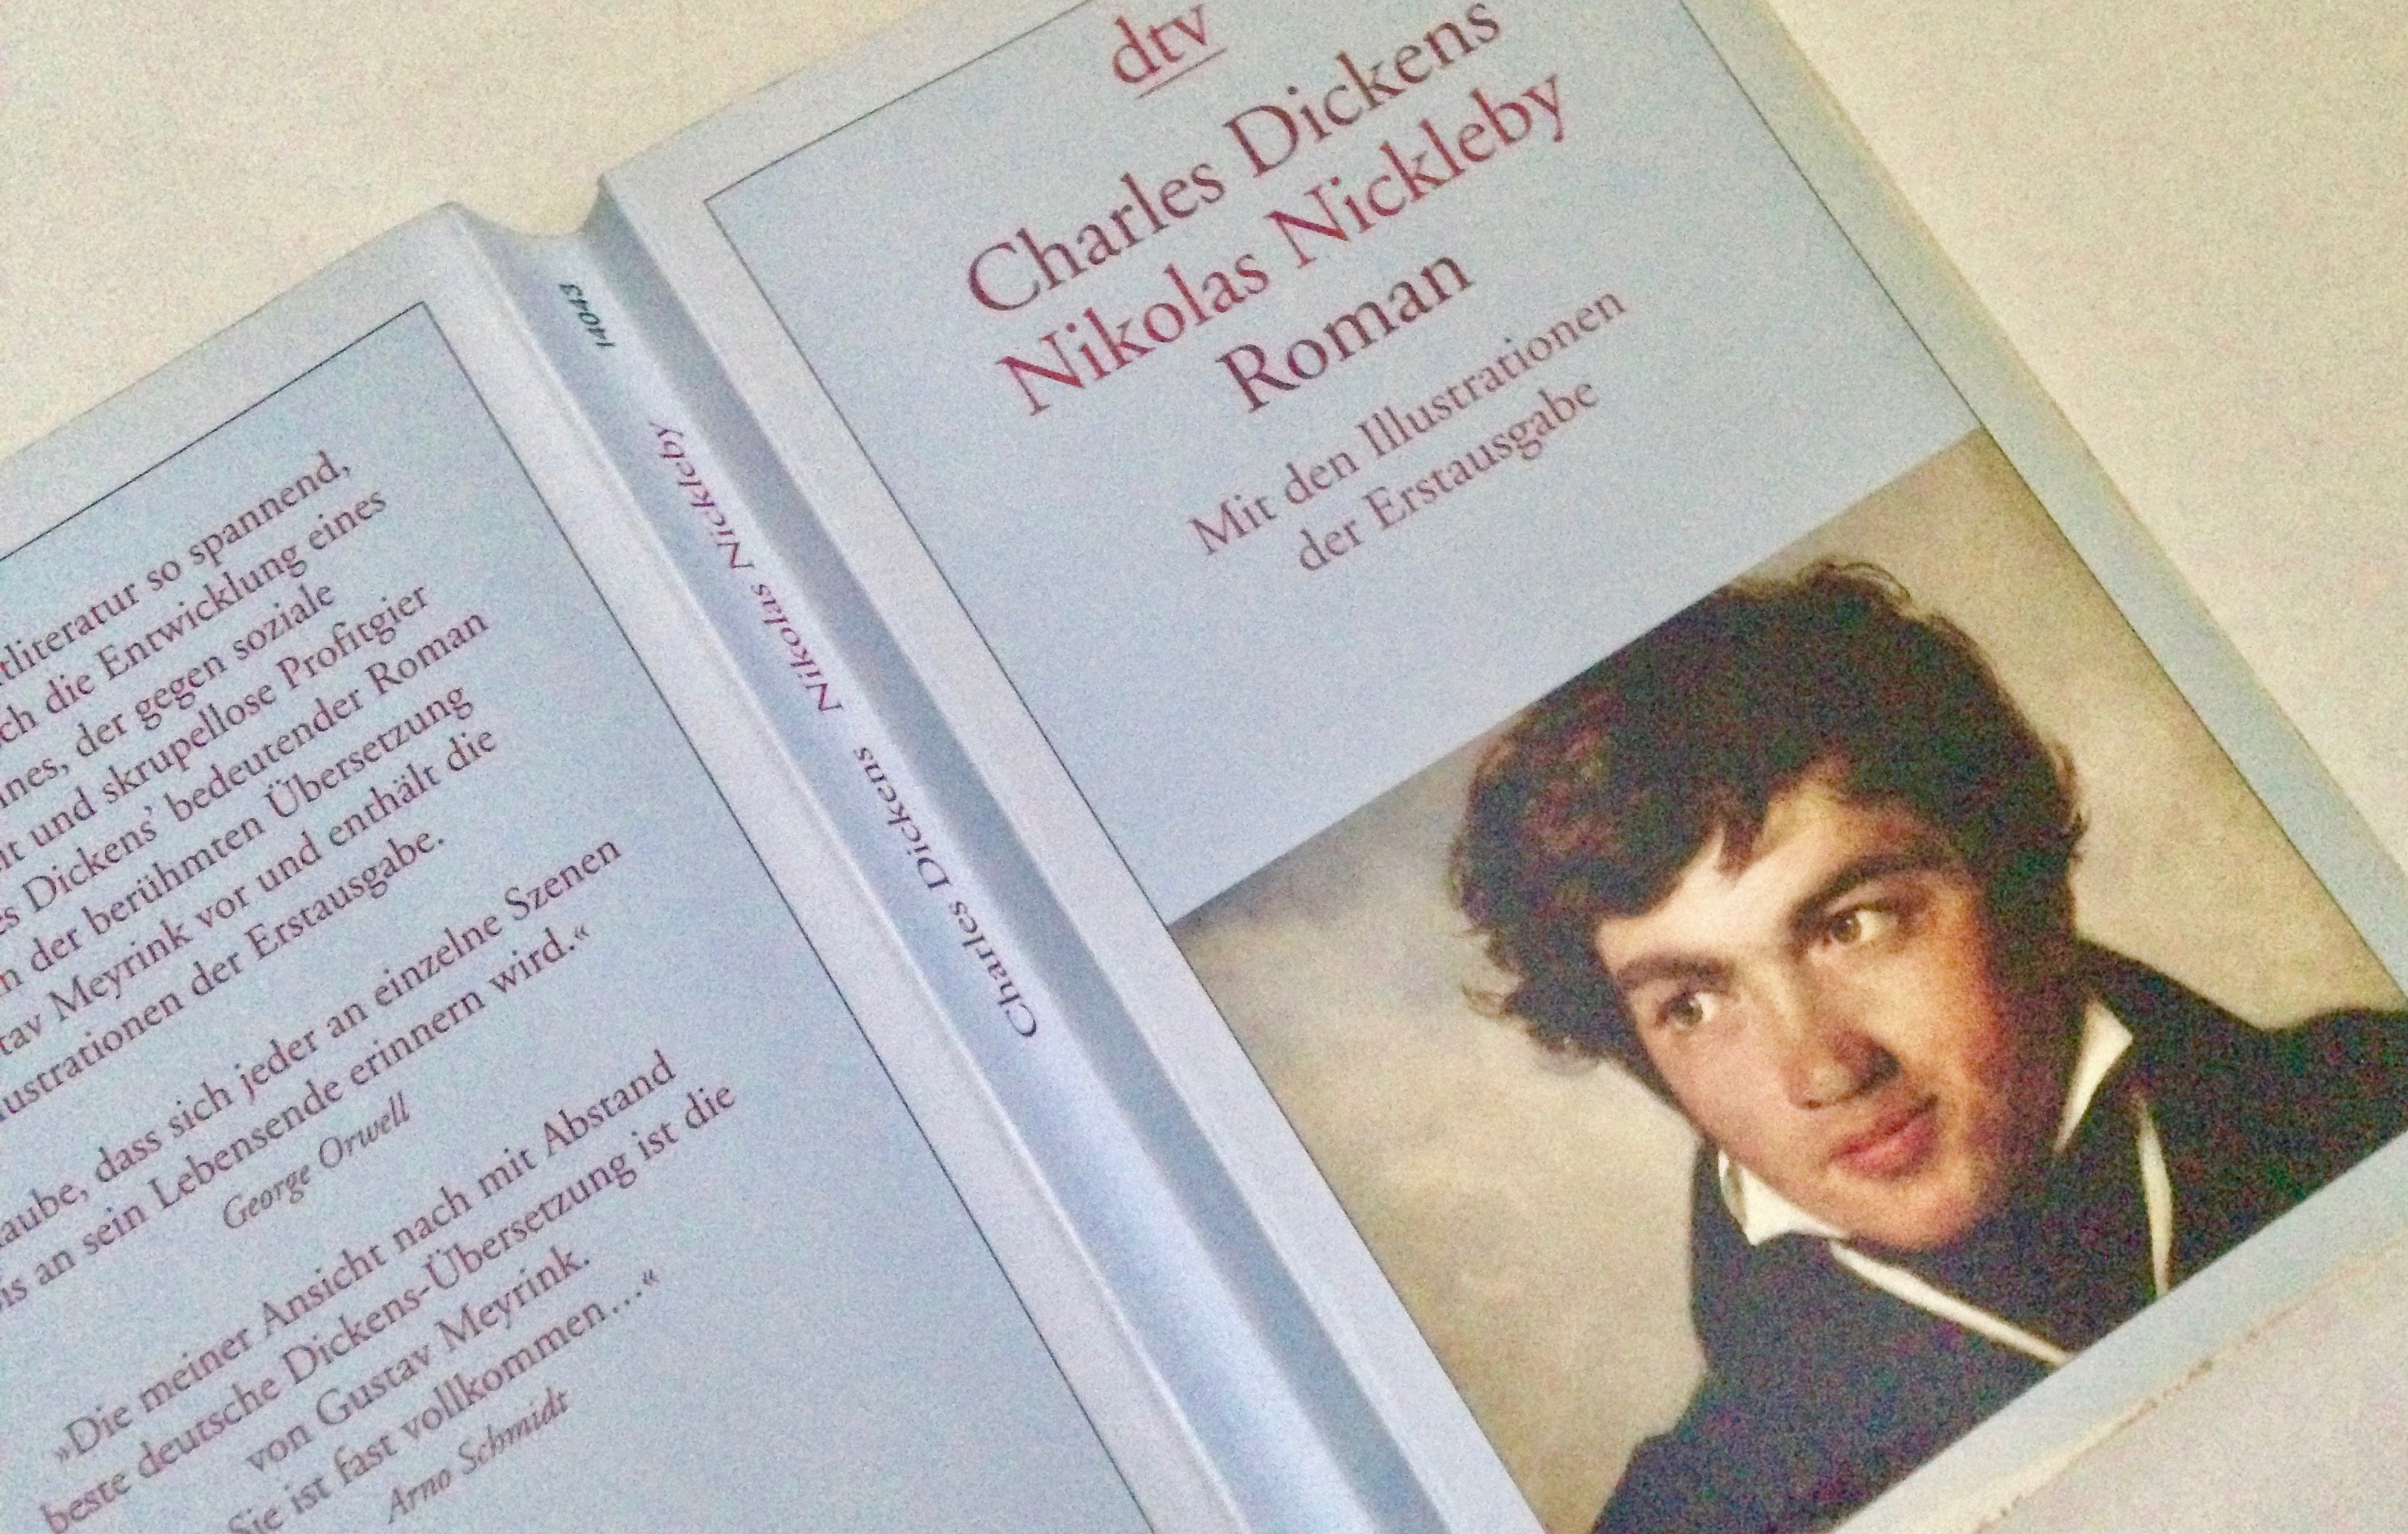 """Buchcover """"Nicolas Nickelby"""" von Charles Dickens, übersetzt von Gustav Meyrink"""